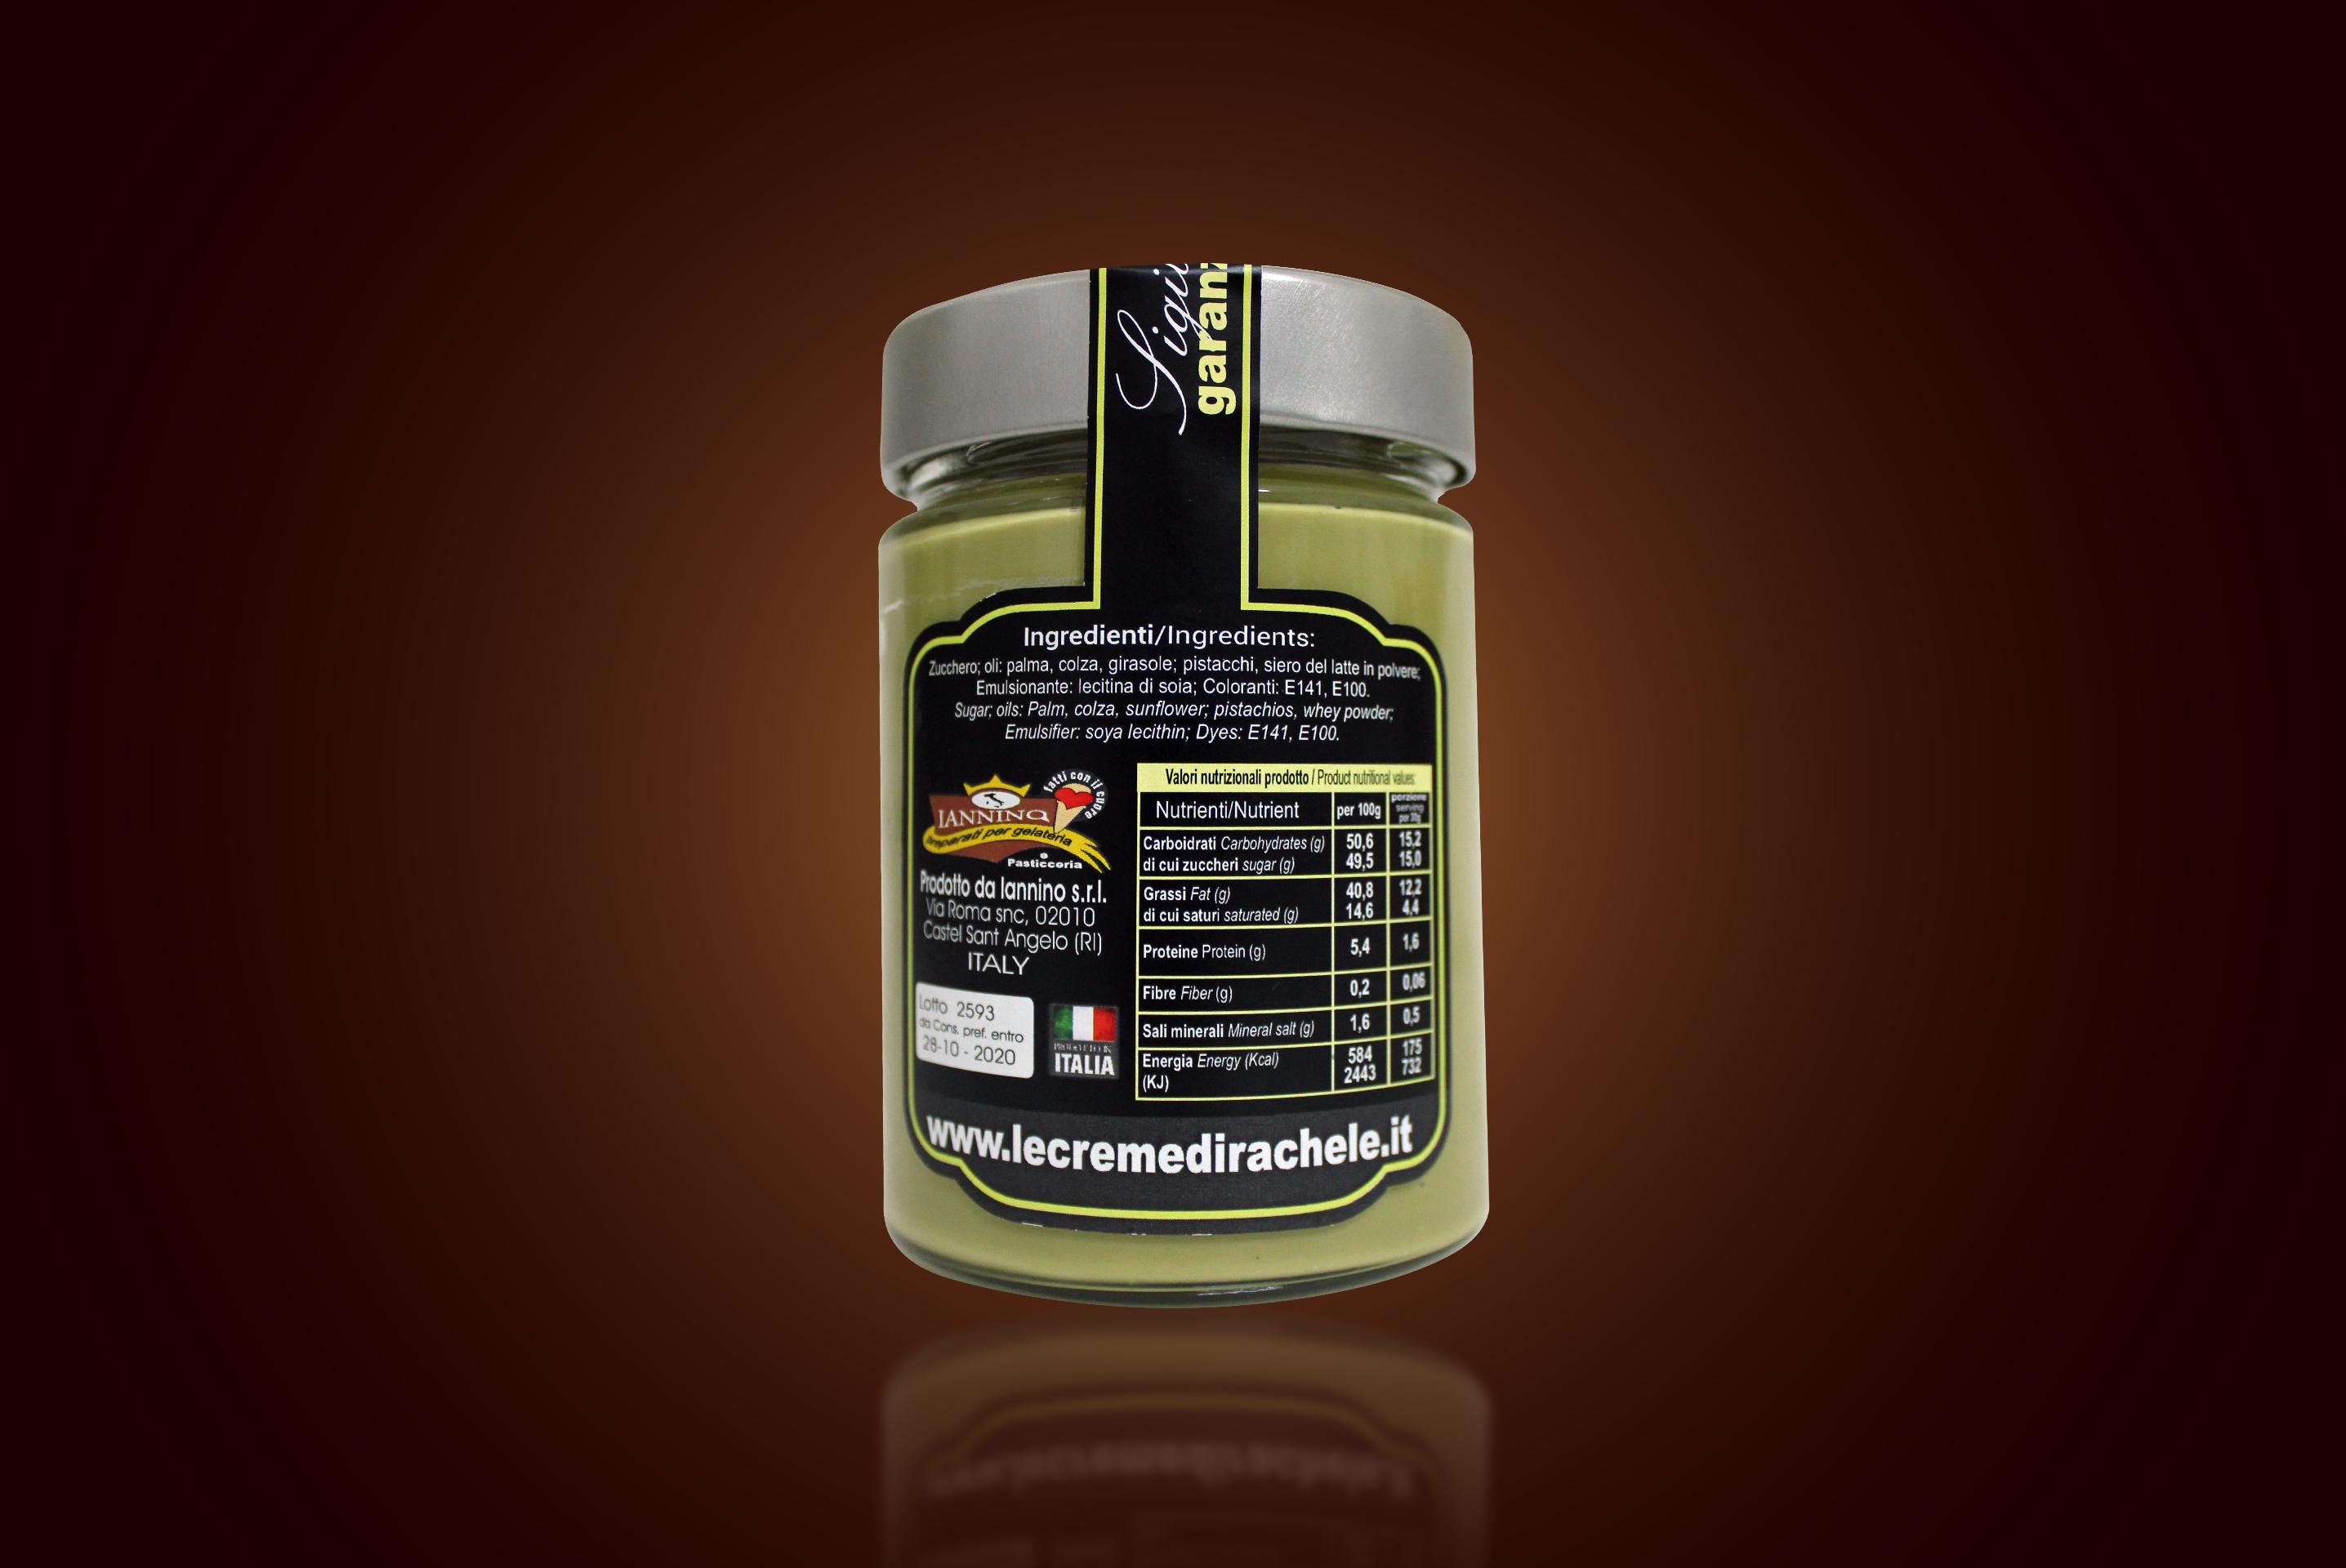 Crema-Vanitosa-2